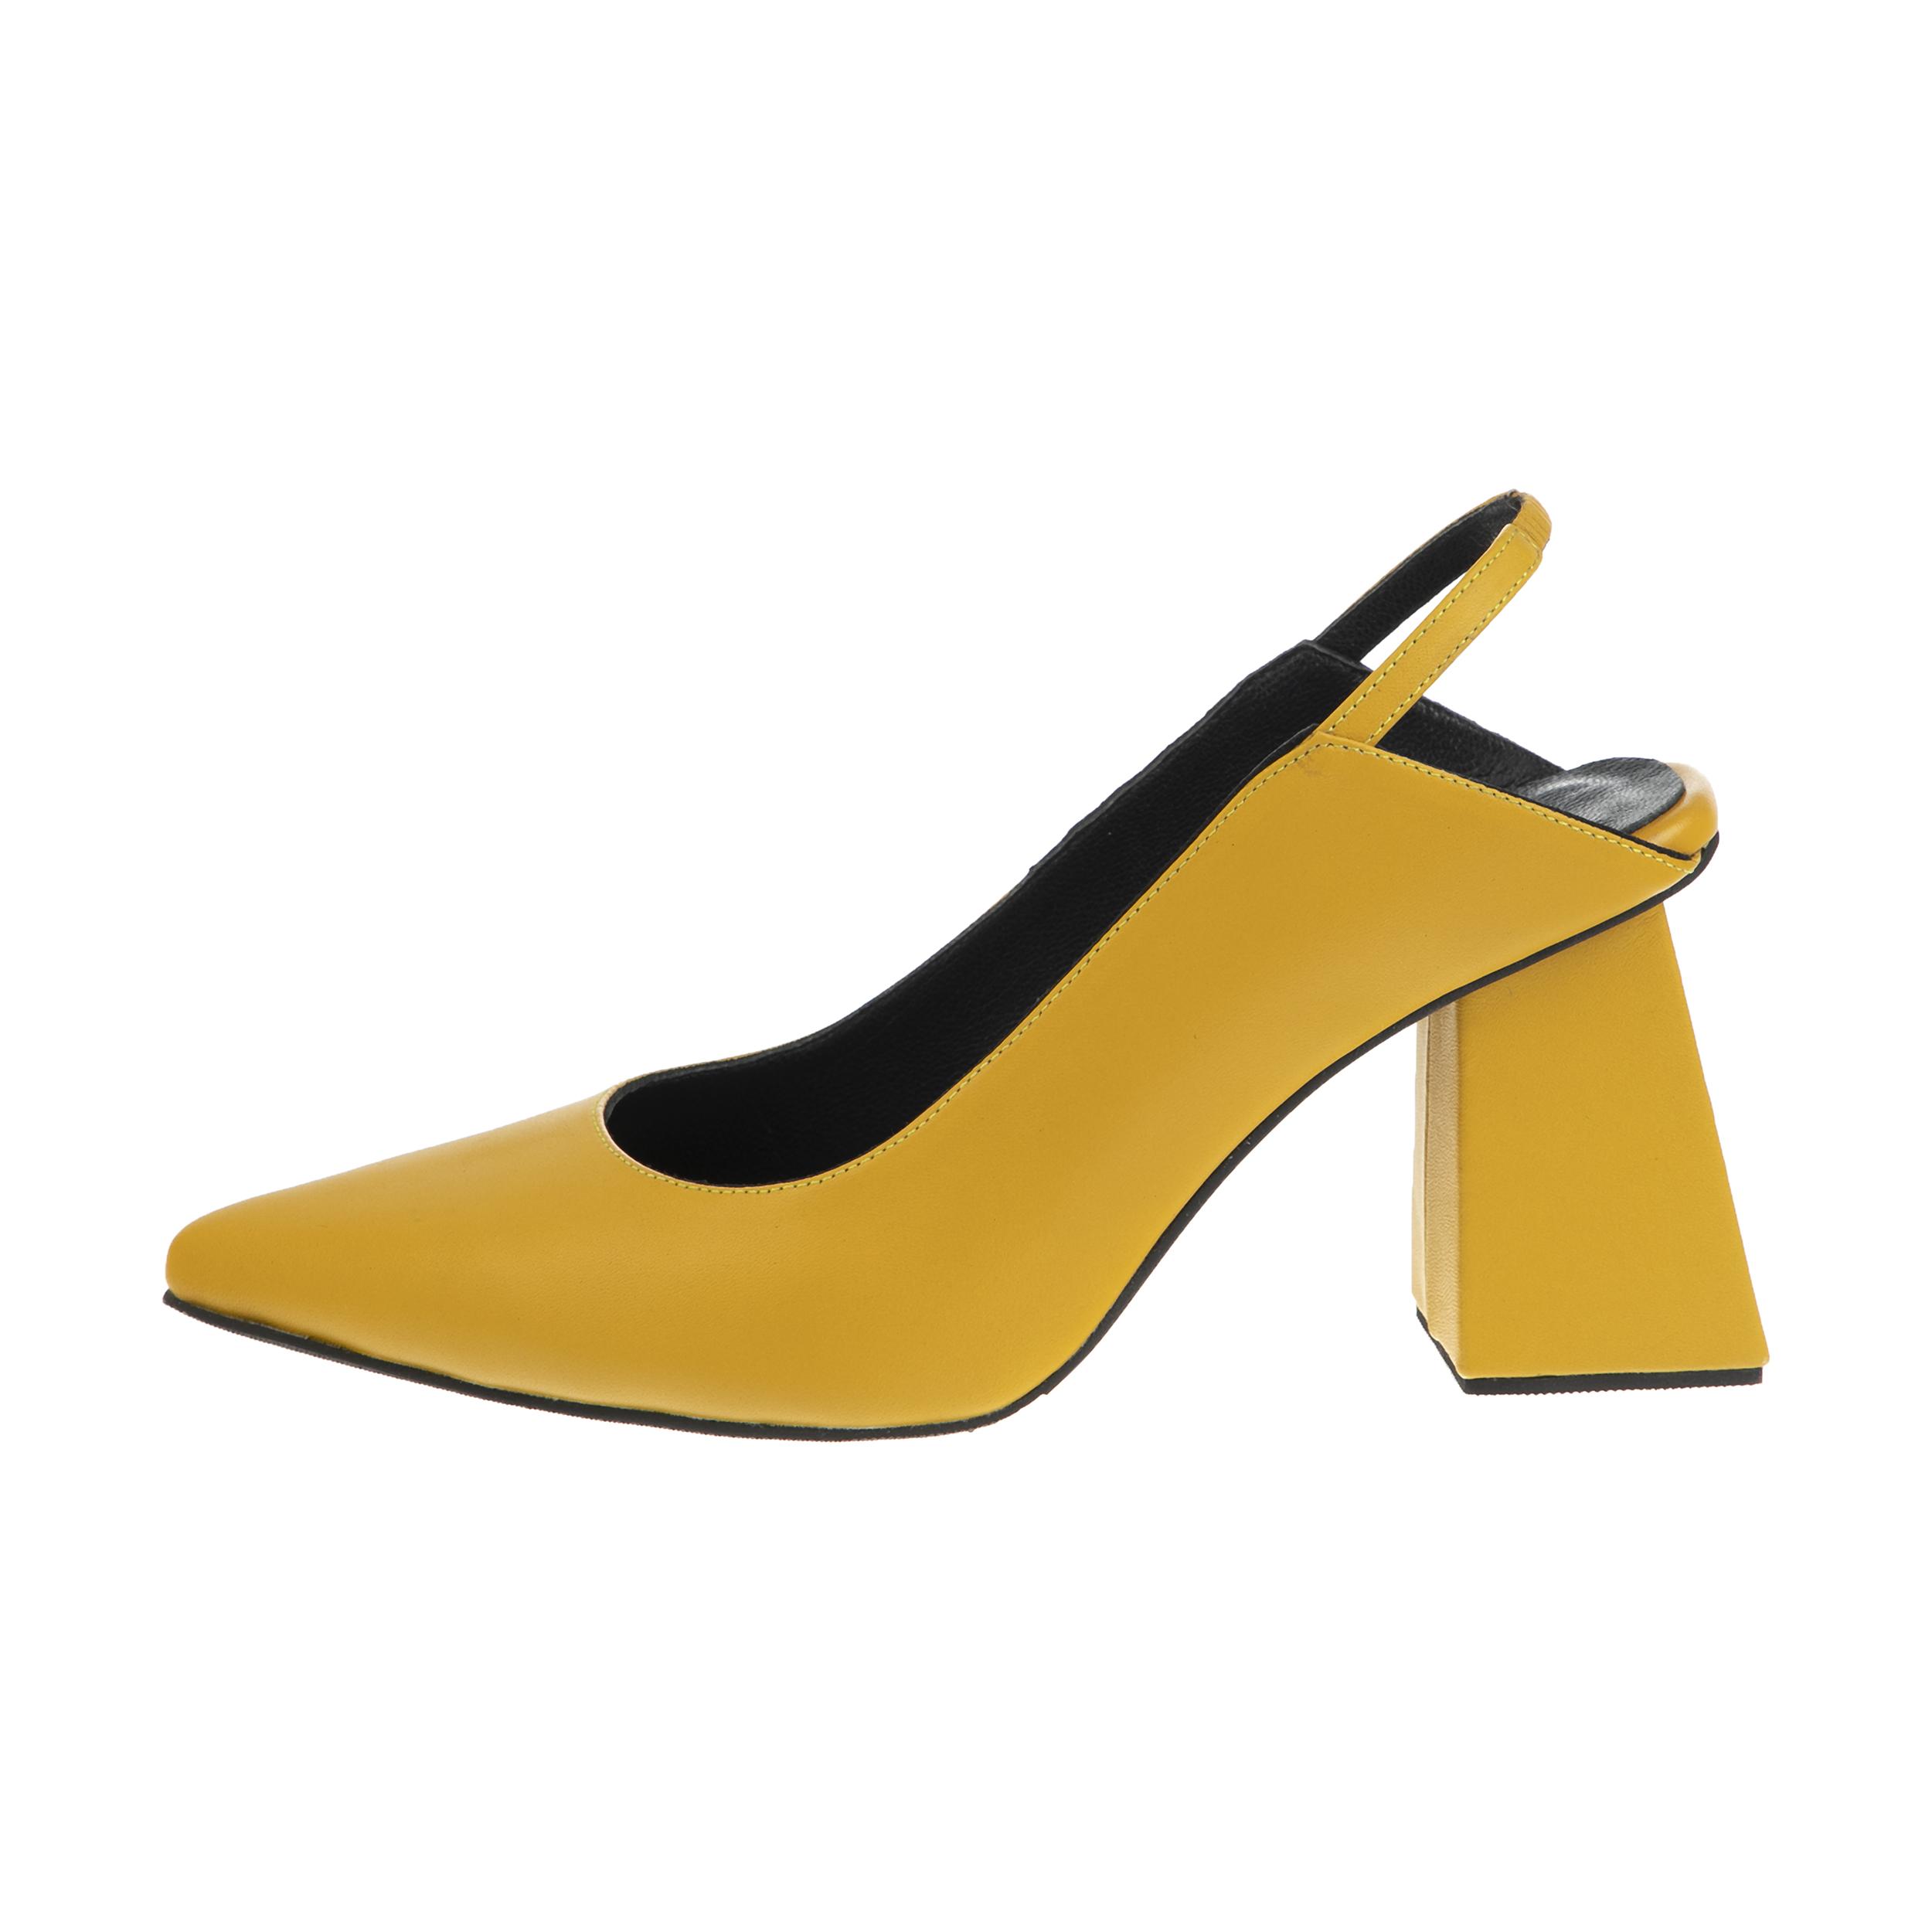 کفش زنانه آرتمن مدل lida l-40674